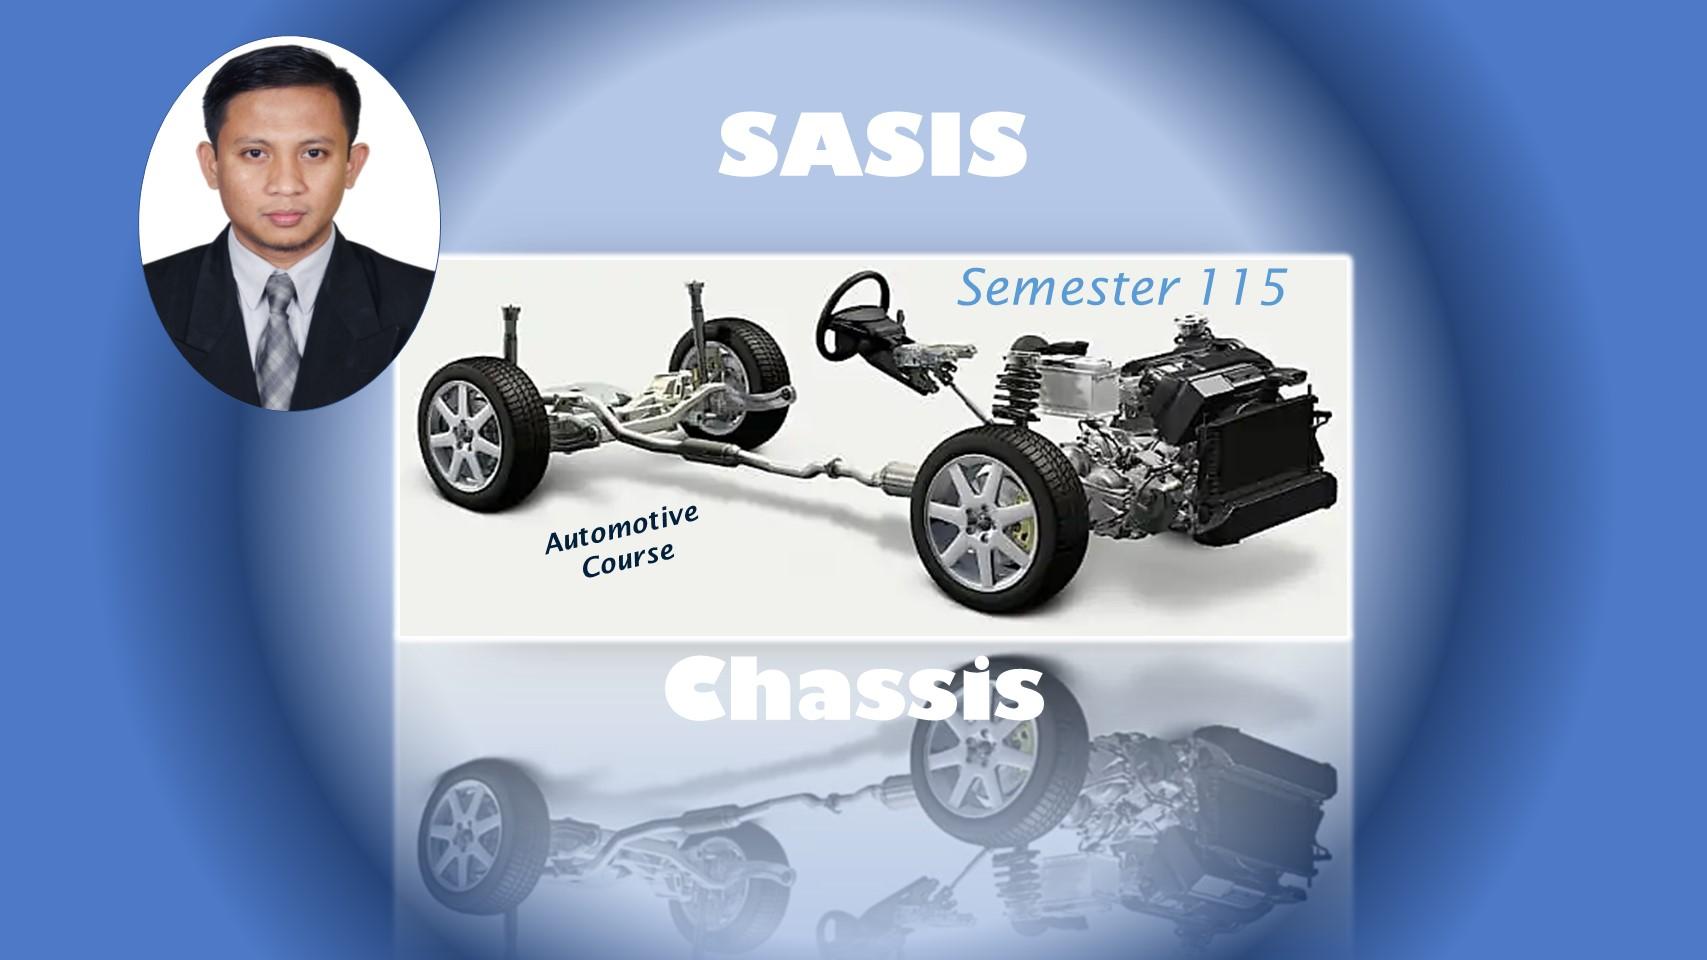 Sasis (Semester 115)